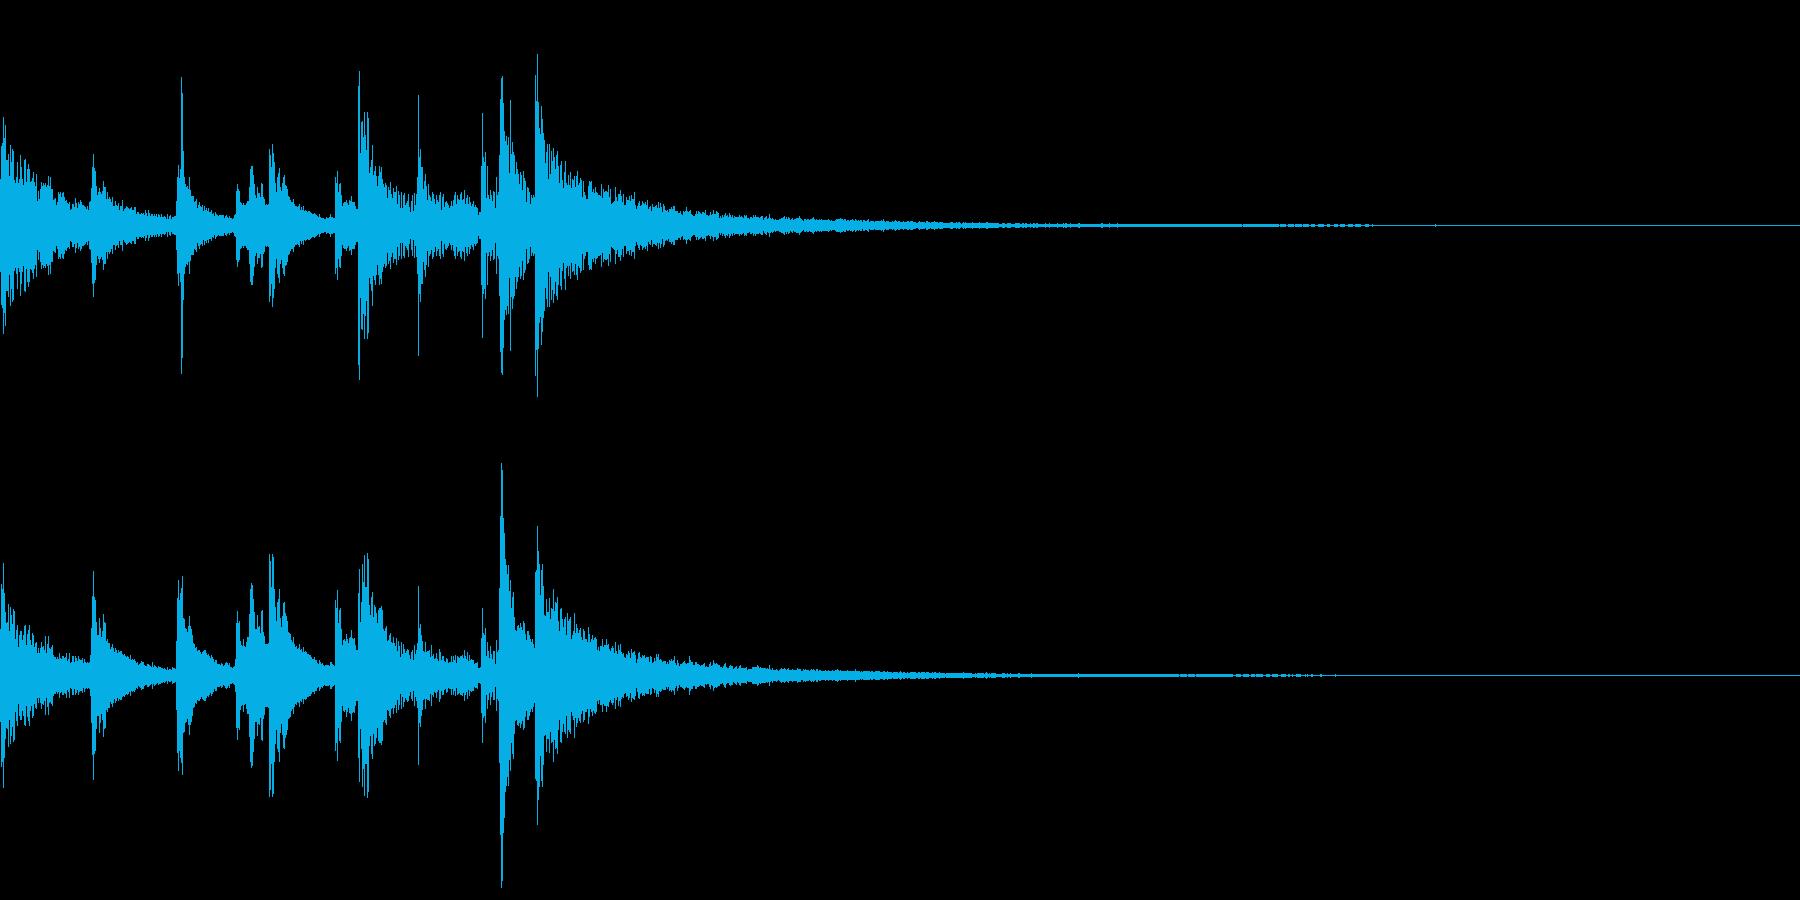 三味線による終止形メロディ~失敗~の再生済みの波形